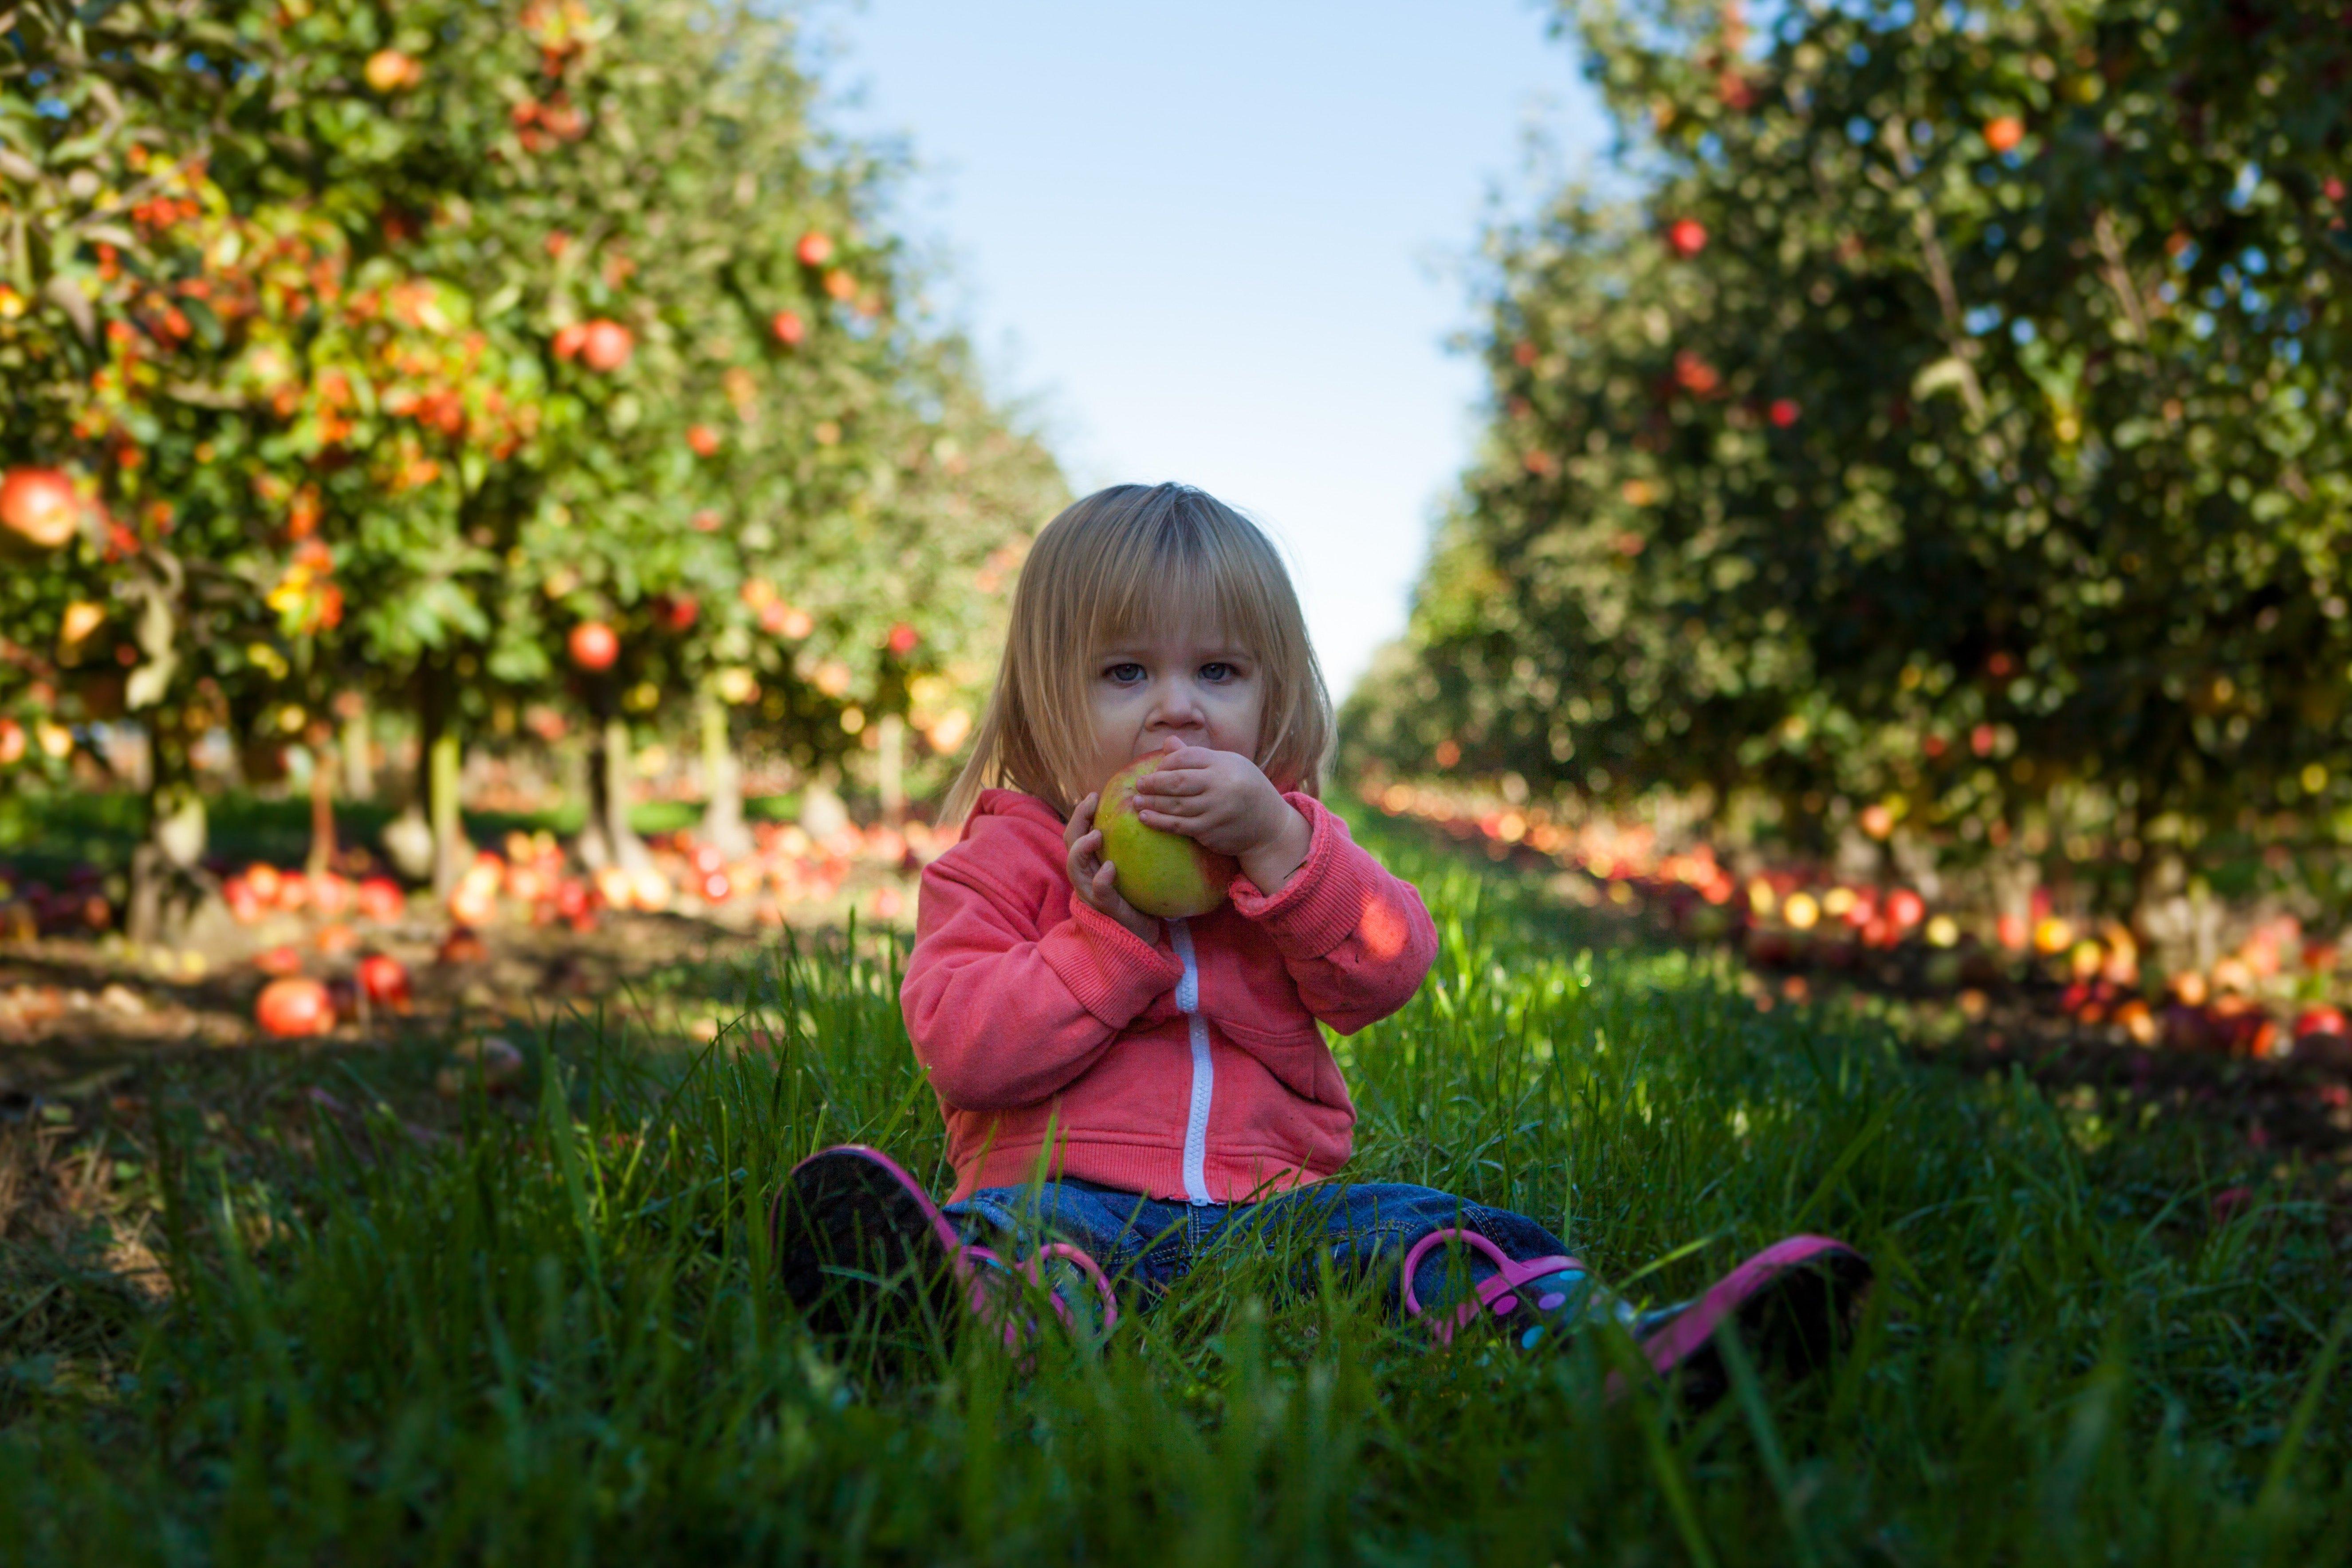 Io Mangio da solo: sviluppo e comportamento alimentare nei bambini